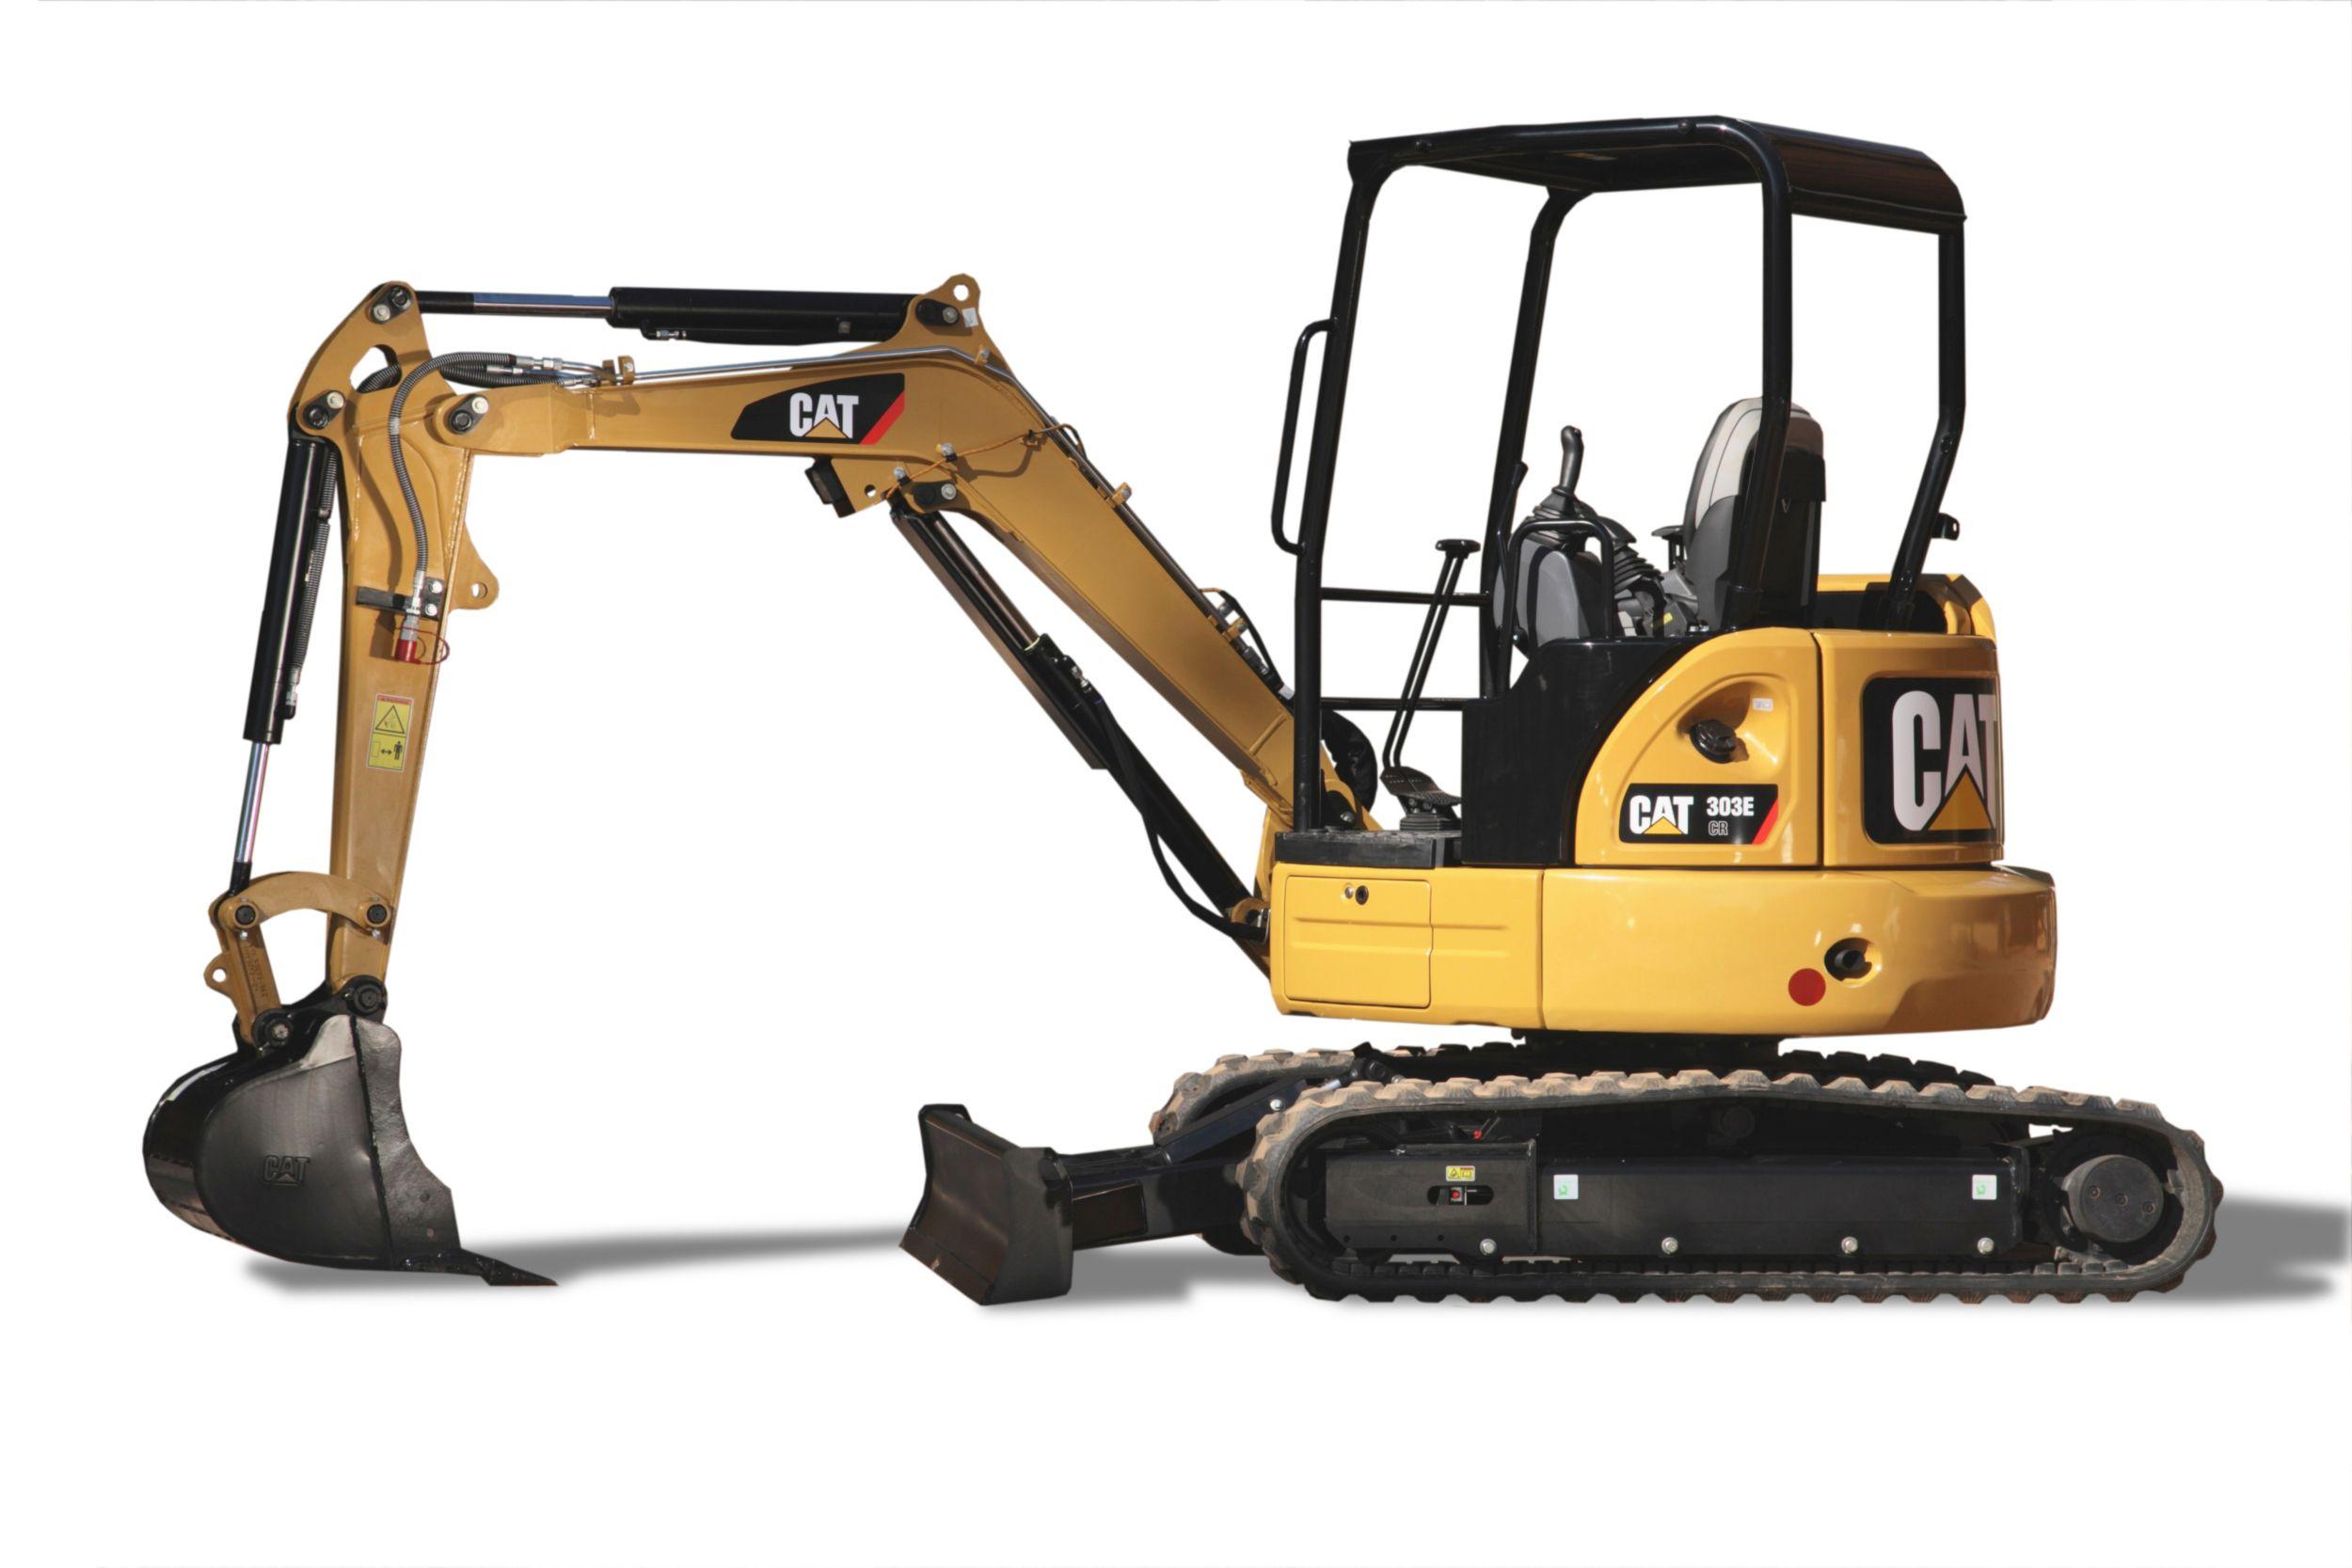 303e Cr Mini Excavator Cat Caterpillar